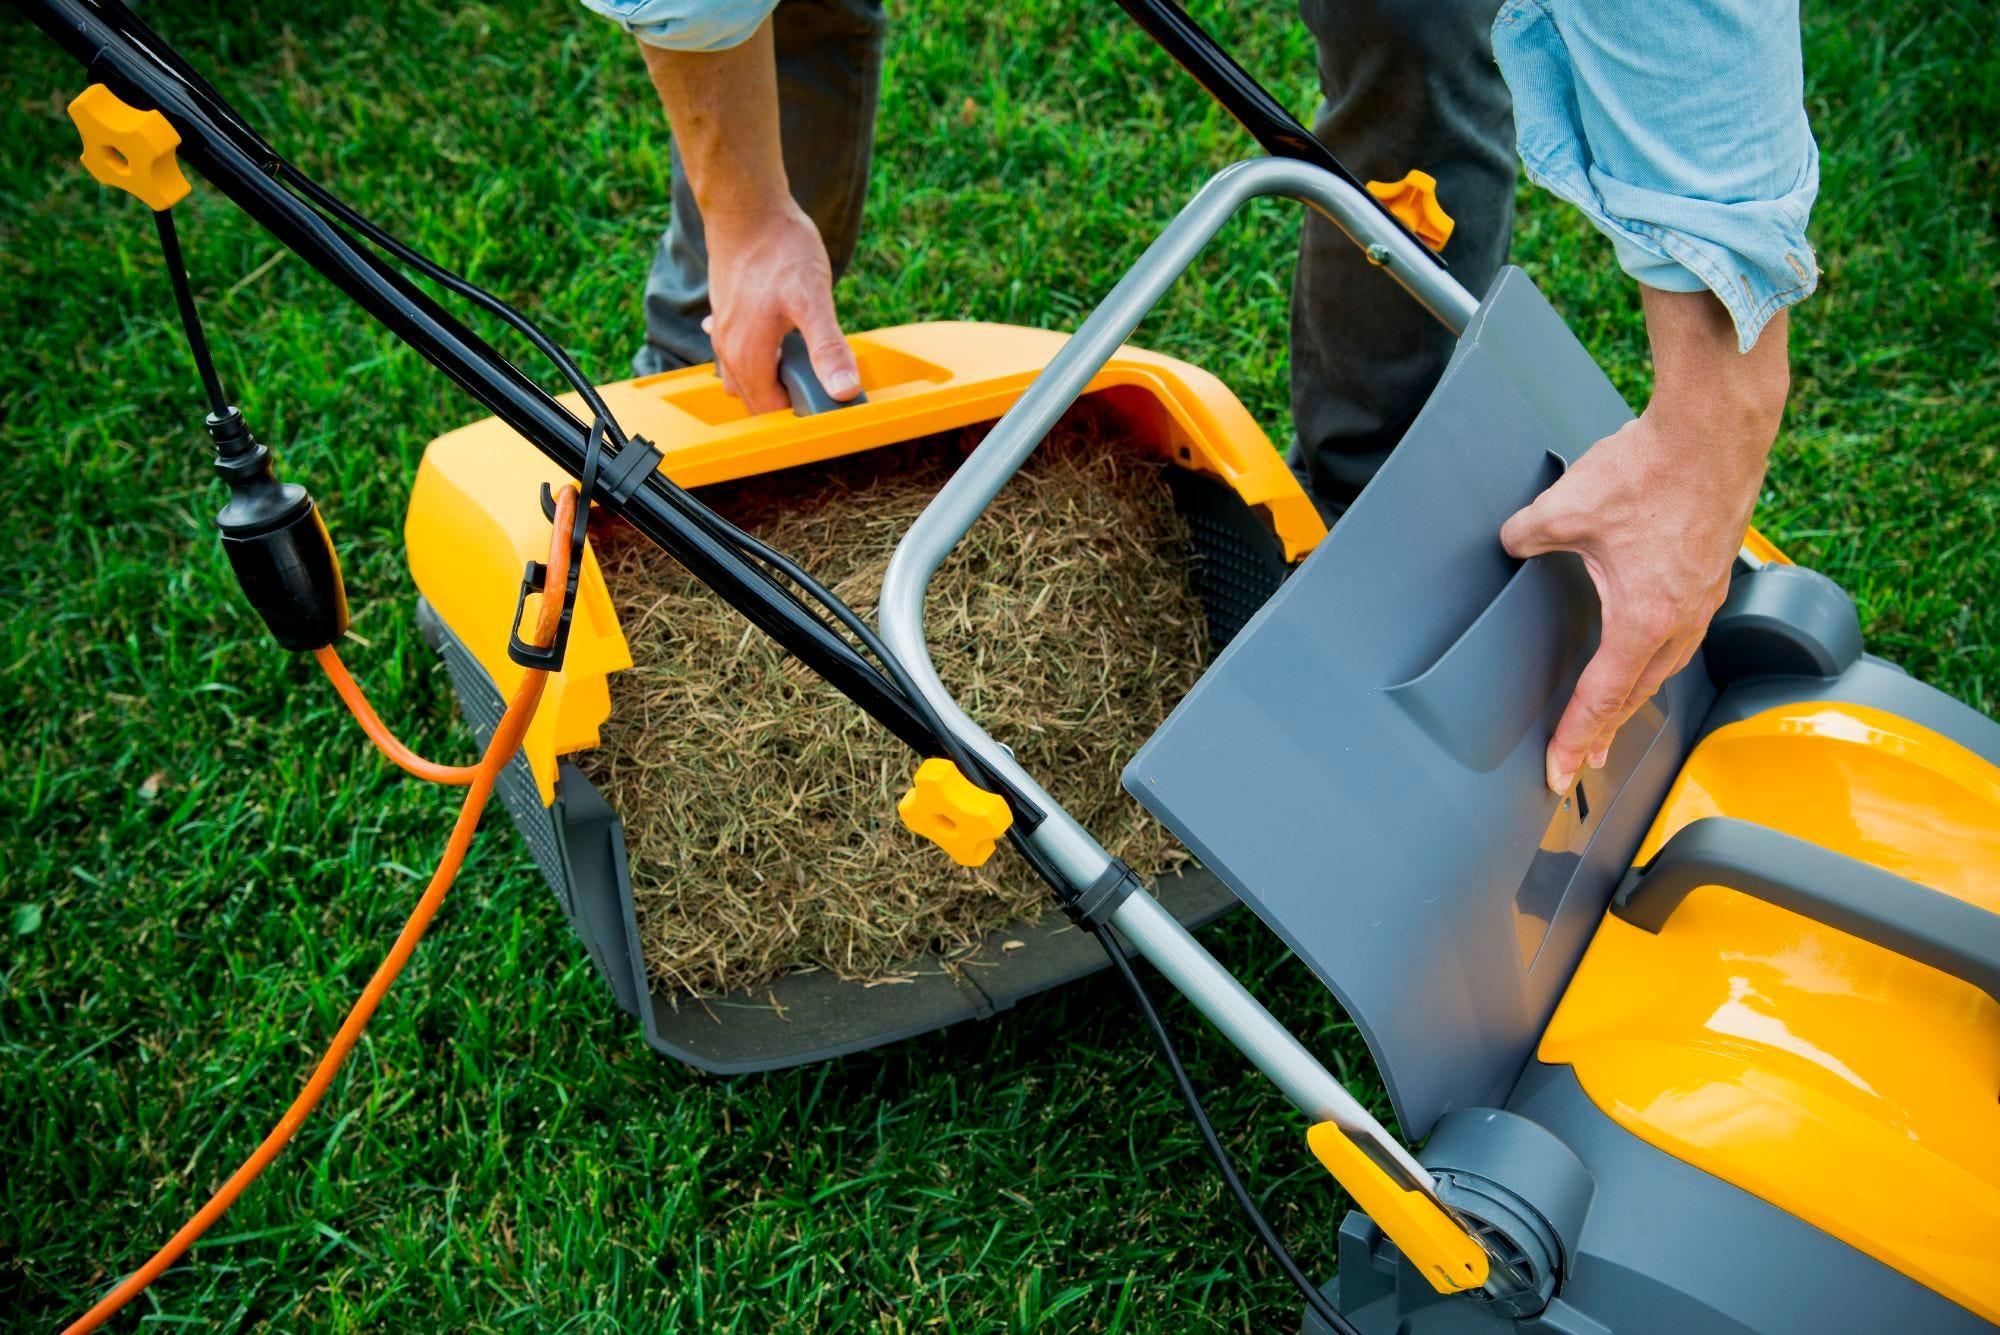 STIGA elektrische verticuteermachine groen gras in de lente moet eerst worden geverticuteerd